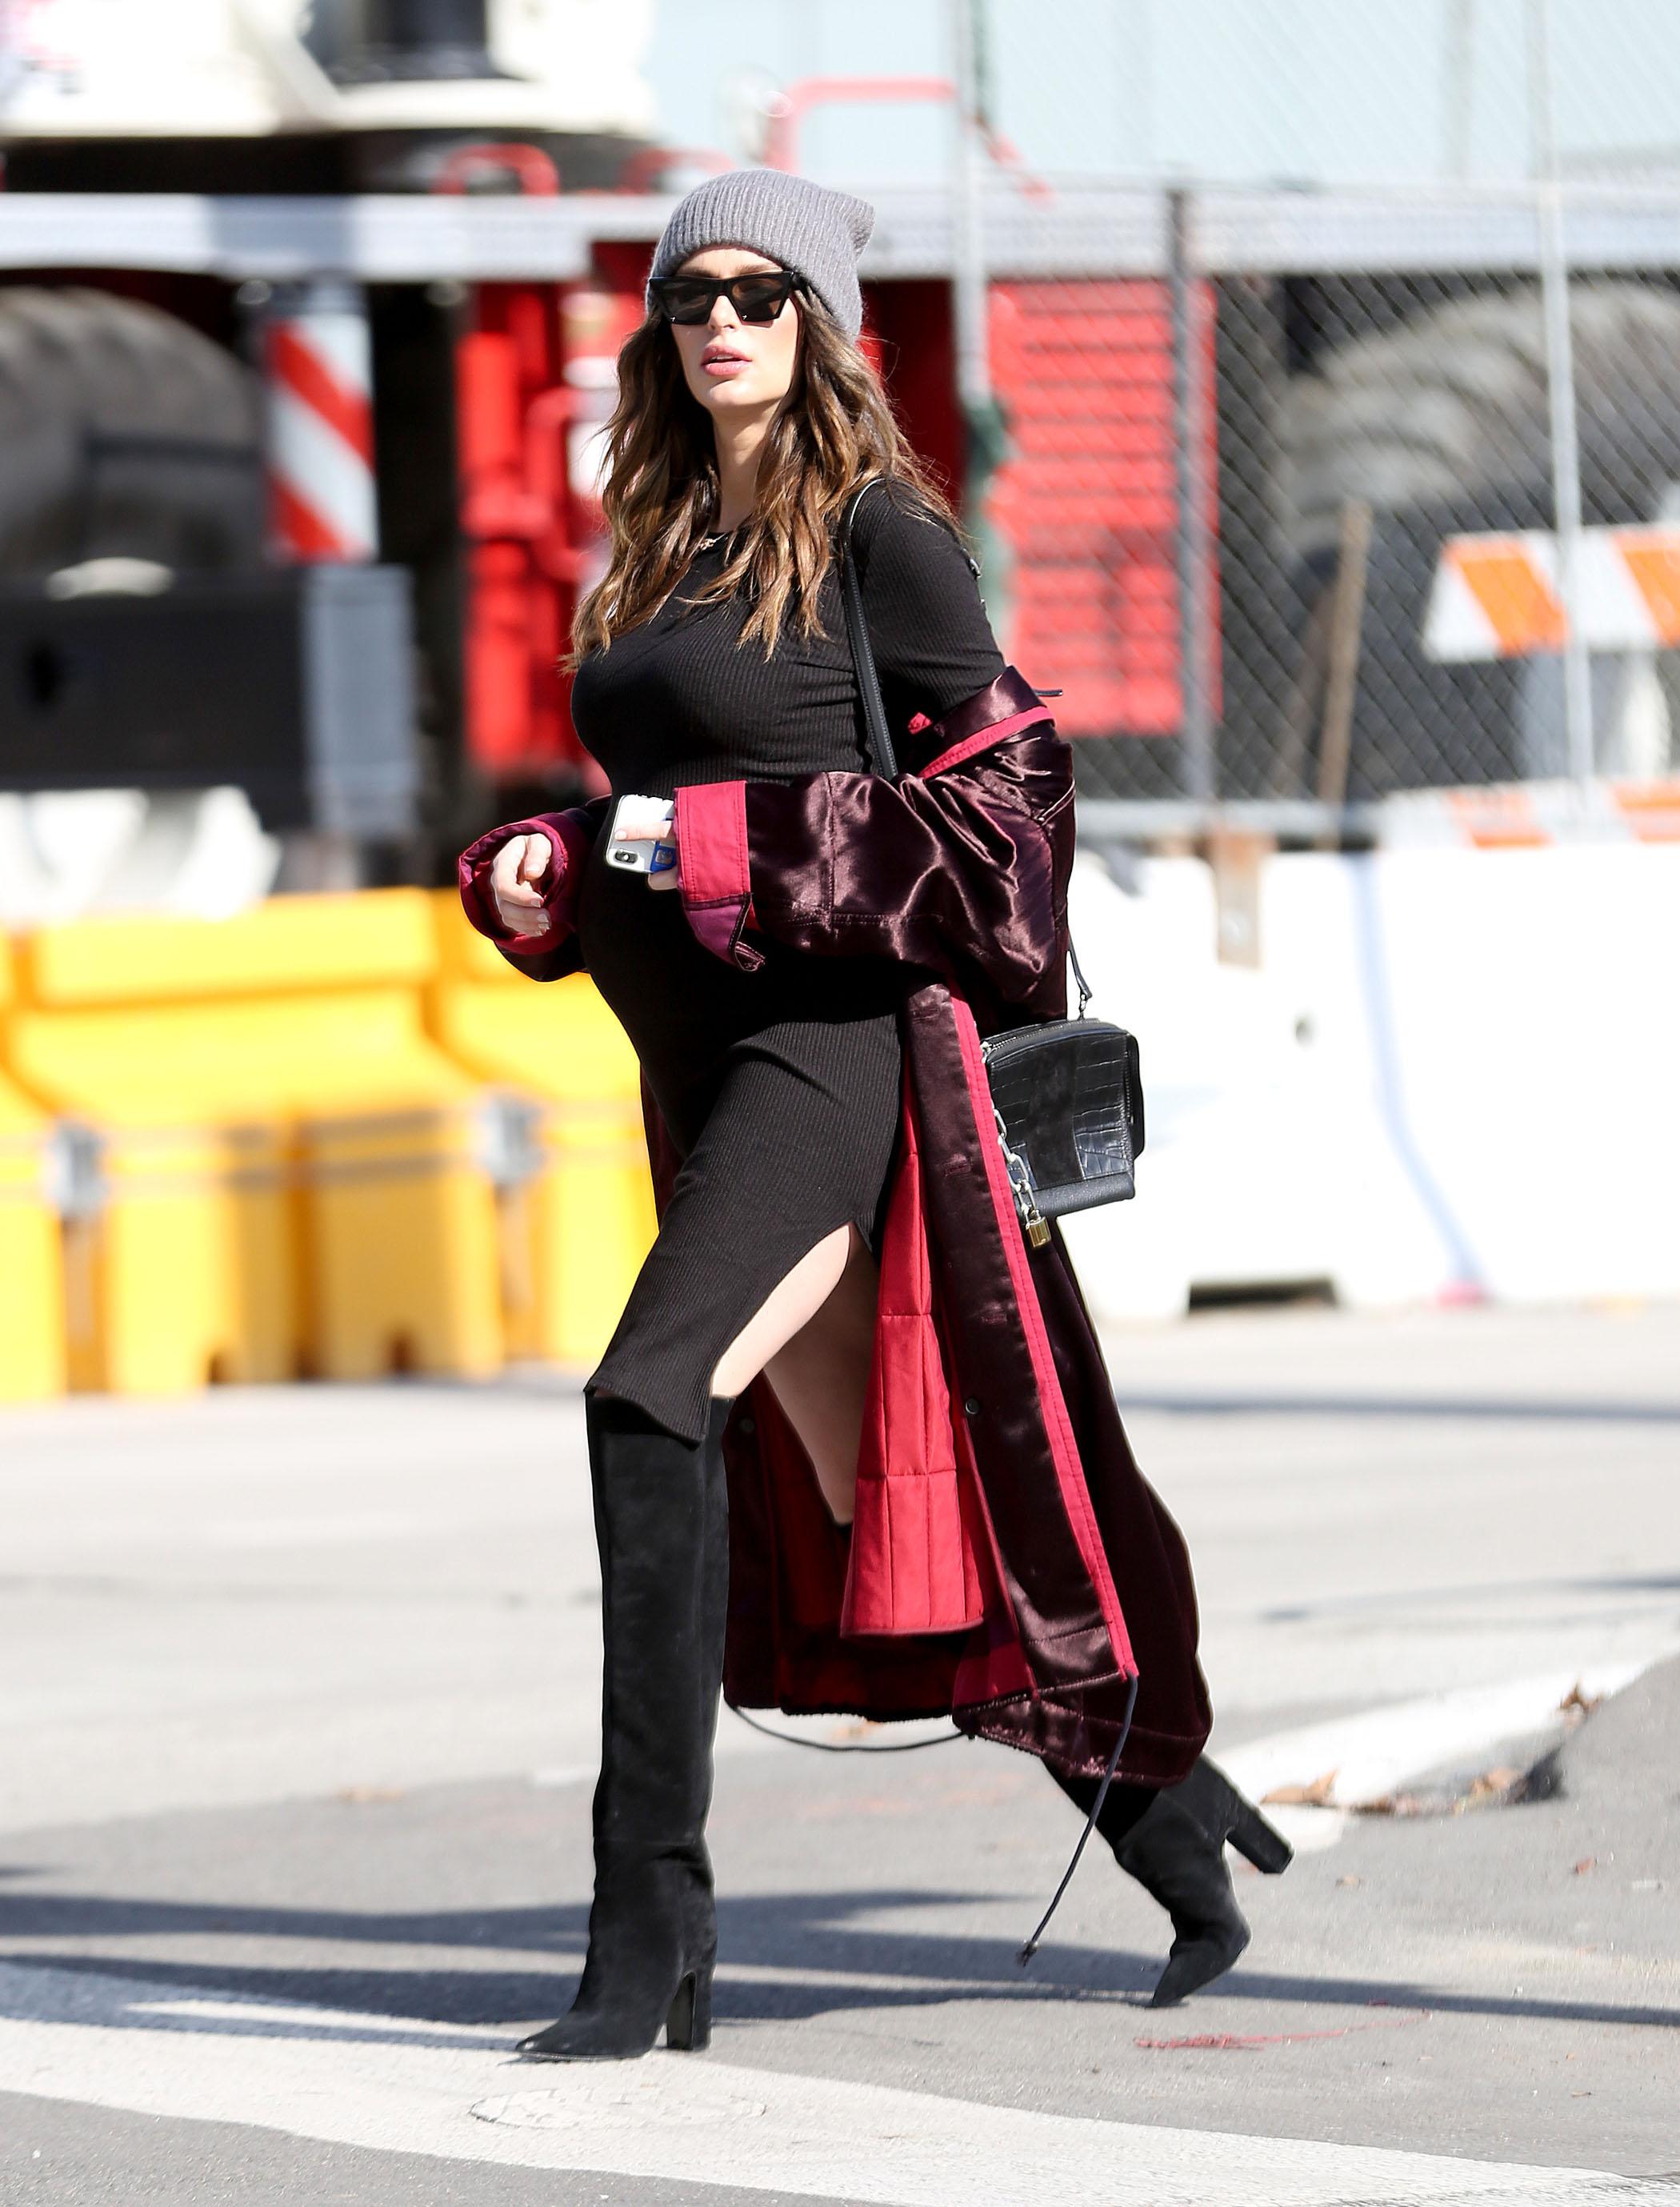 Look. - - Enza Costa Dress- Haider Ackermann Jacket- Kooples Beanie- Barbara Bui Boots- Celine Glasses- Alexander Wang Bagshop the look below